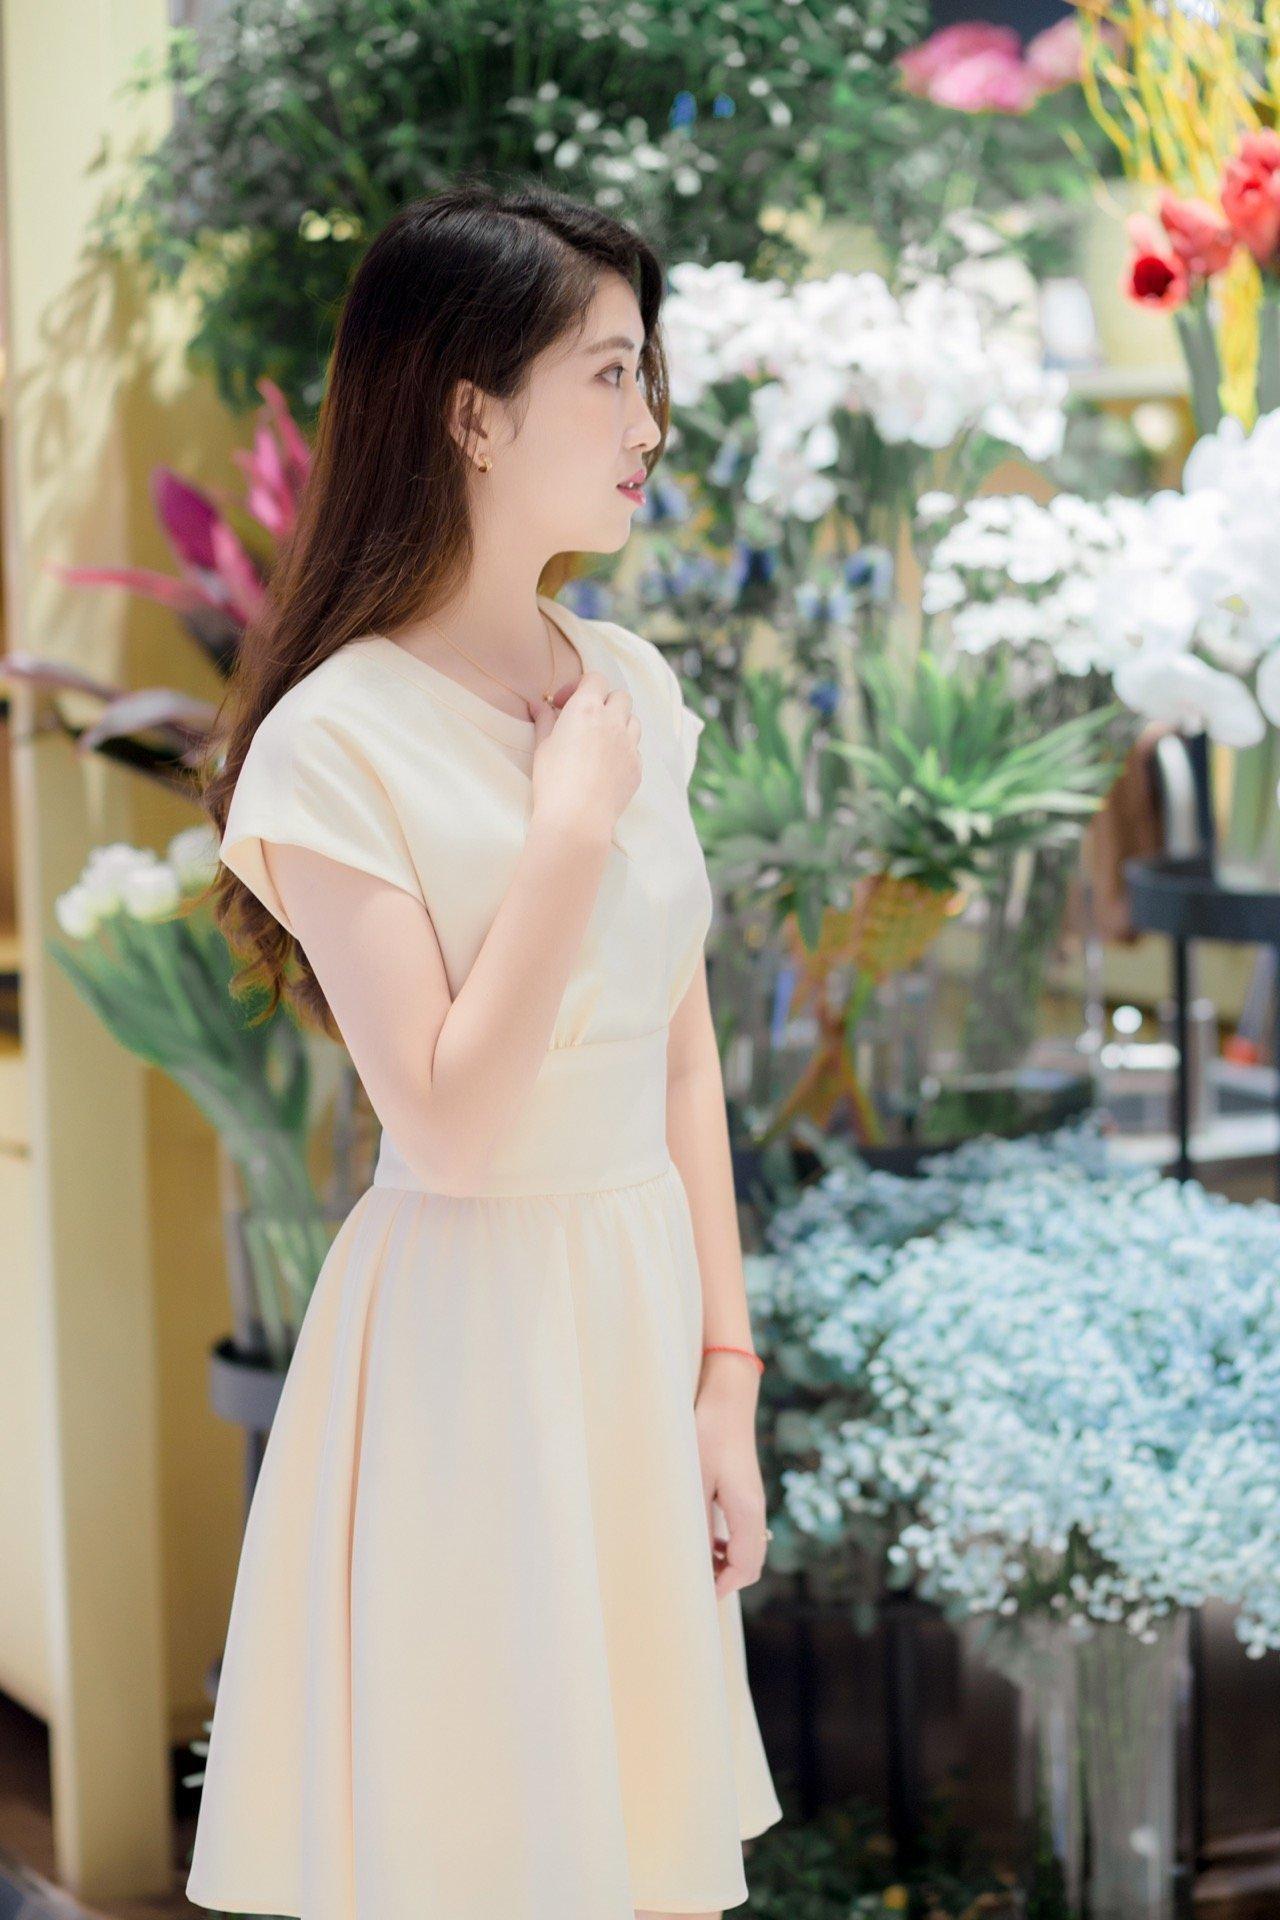 Yeni yüksek kaliteli kadın bahar ve yaz rahat etek 2020 moda en kaliteli giyim * 276 * 292 elbise